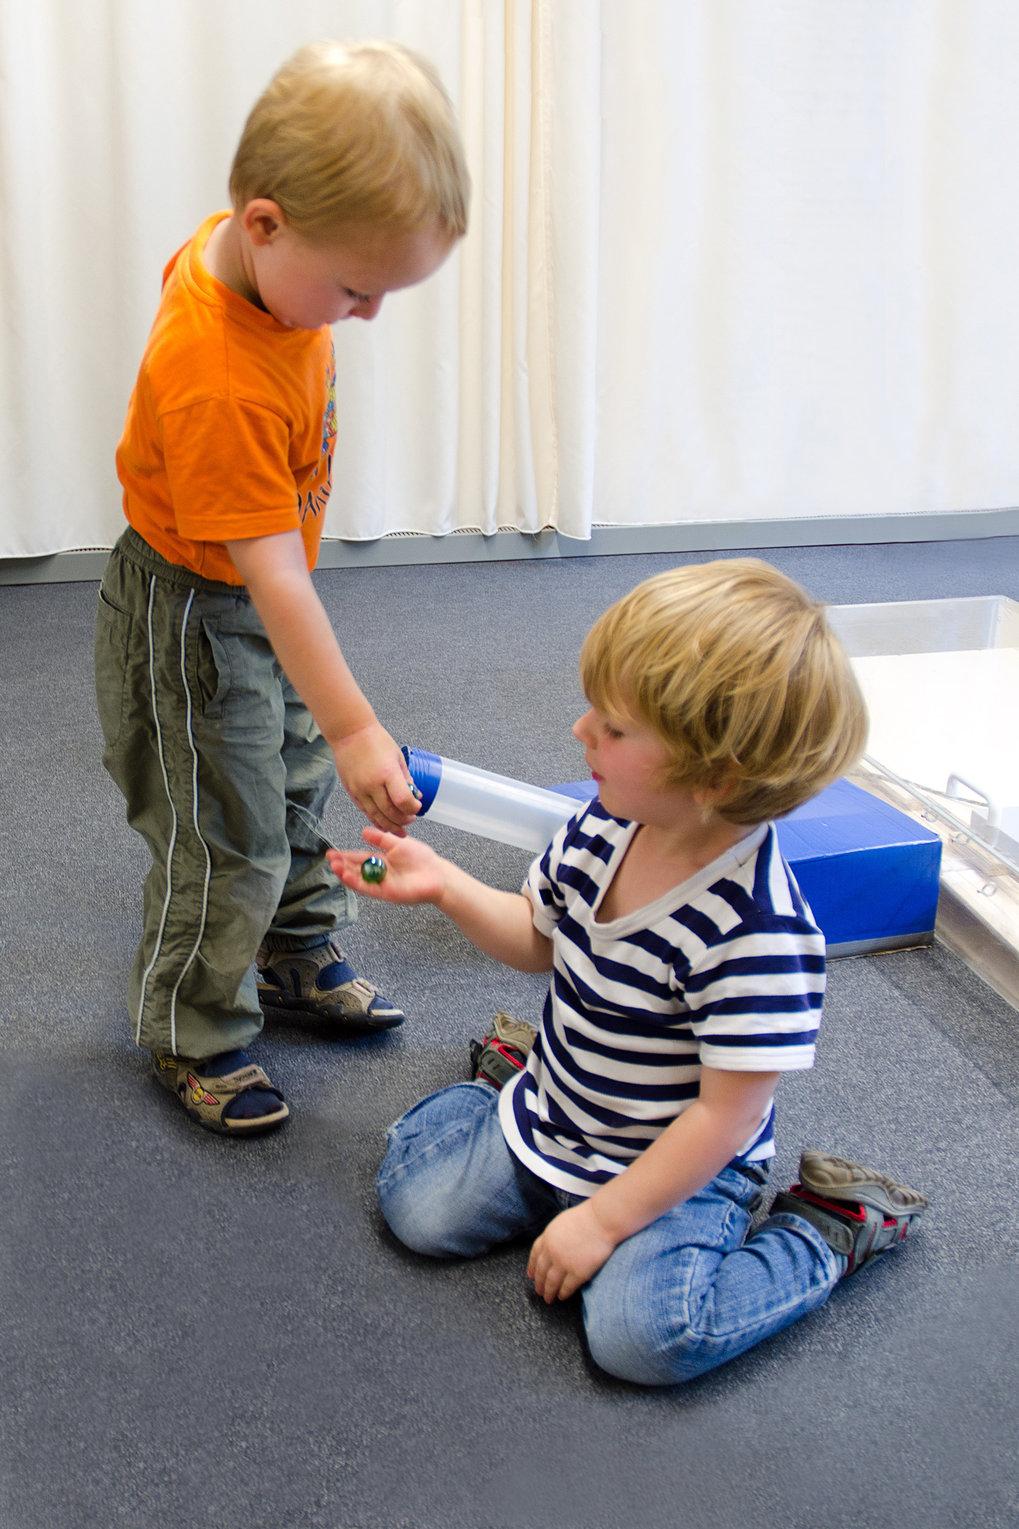 Bereits Dreijährige geben einem anderen Kind Spielzeug ab, wenn beide es sich zusammen verdient haben.